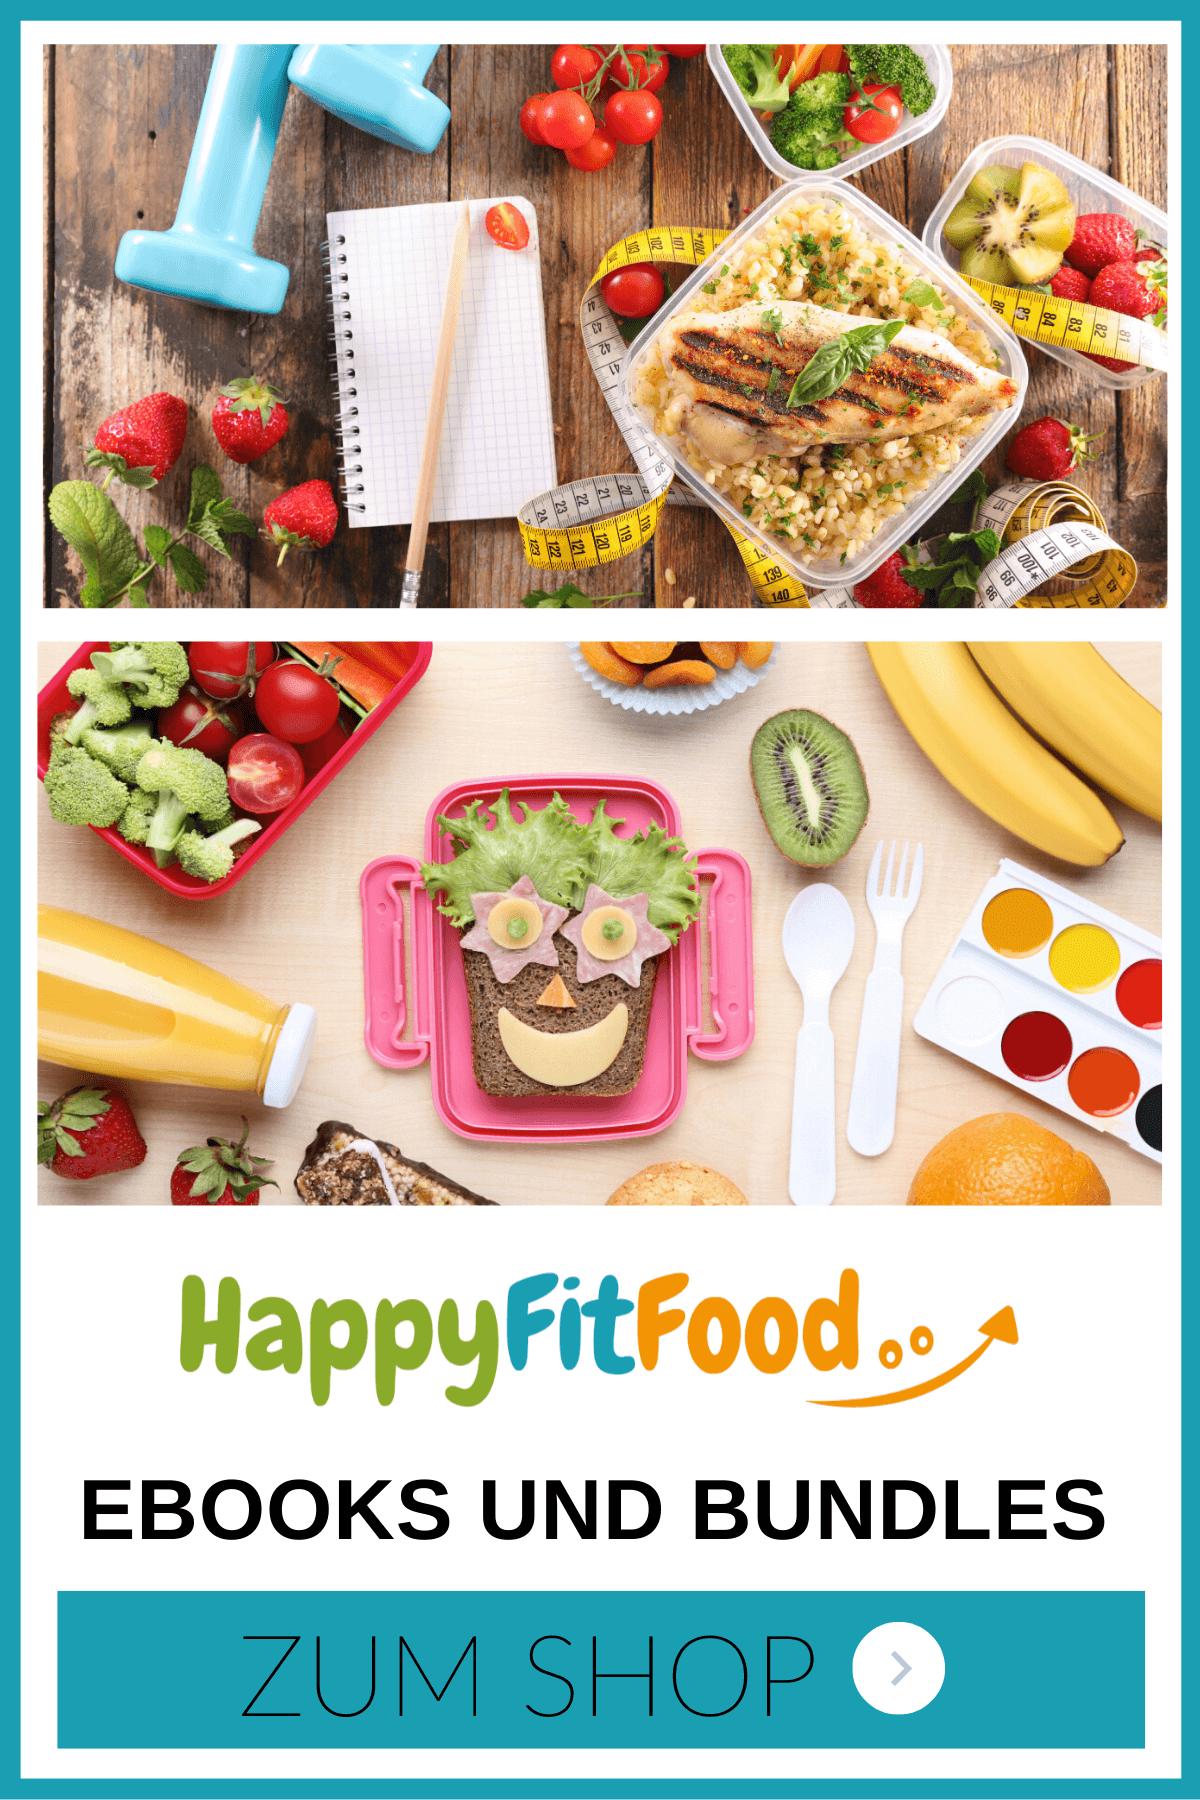 HappyFitFoodShop für E-books und Bundles zu Lunchbox und Meal Prep und Abnehmen von Veronika Pichl